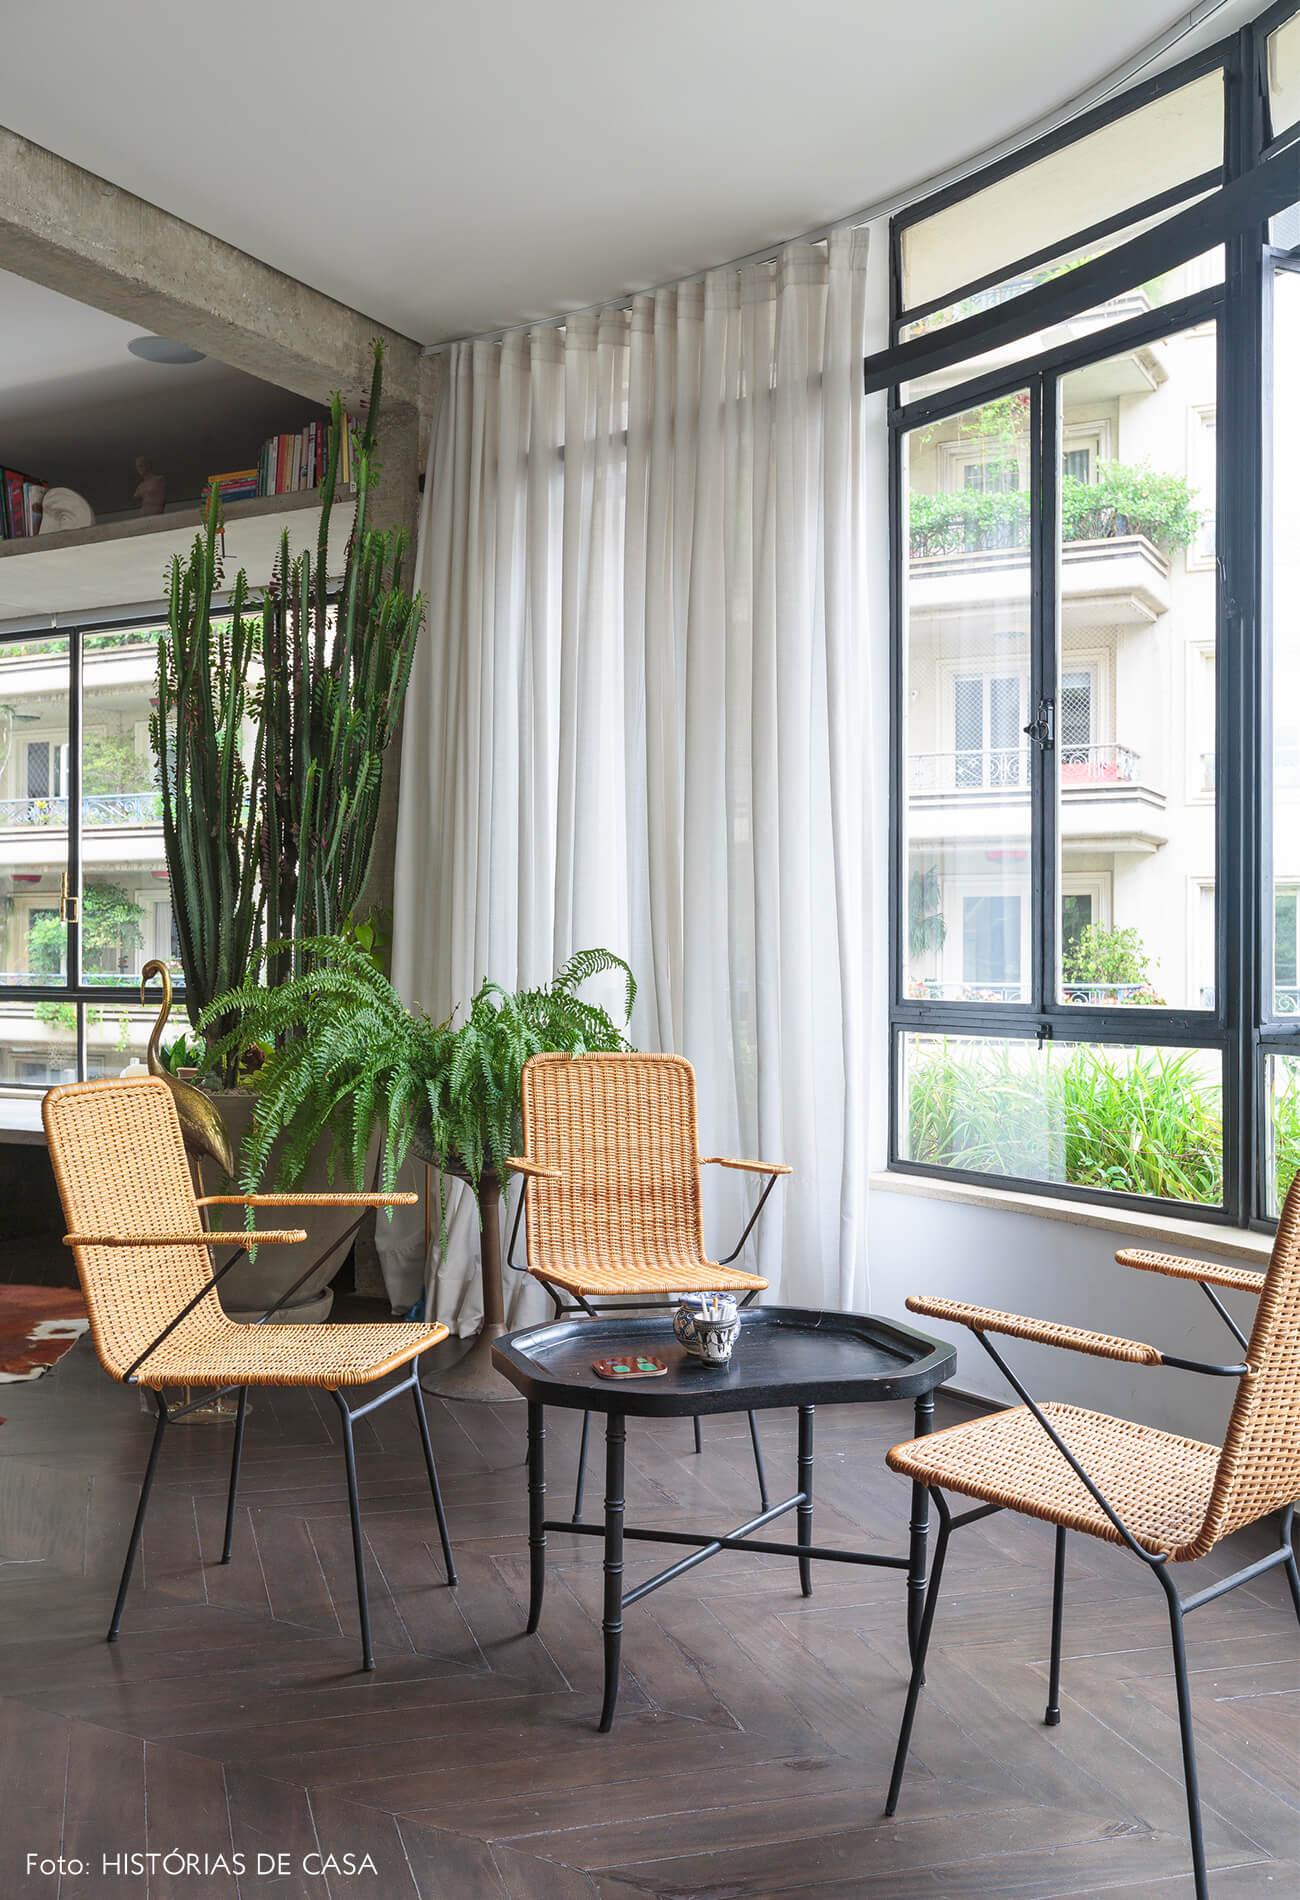 decoração ap sala com cadeiras de palha, plantas e banco de concreto